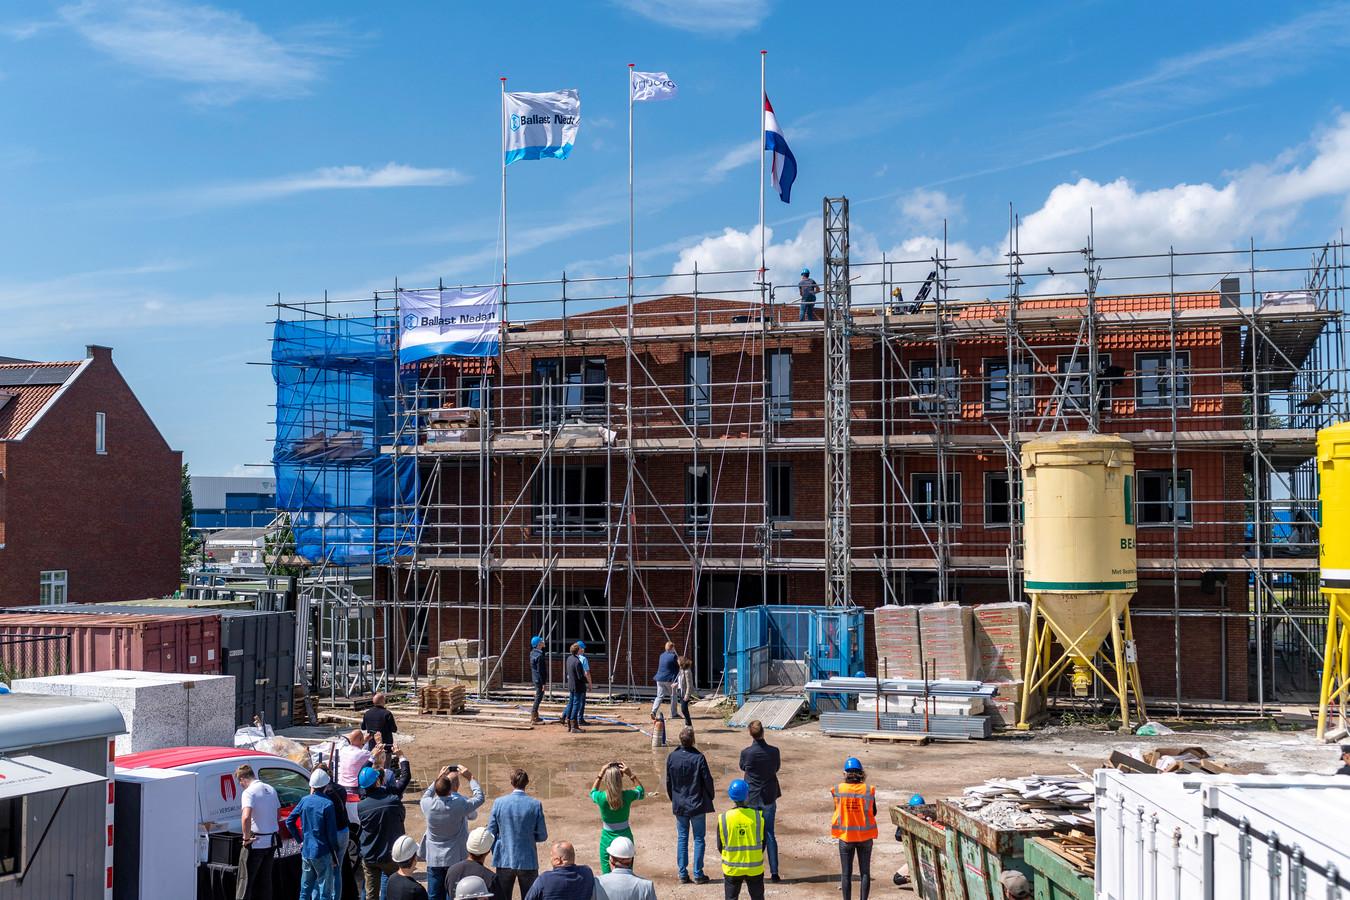 Viering van het Hoogste punt Paravicini : het Gastenhuis waar 22 ouderen met dementie een thuis gaan wonen, en de nieuwbouw van 28 huurappartementen.